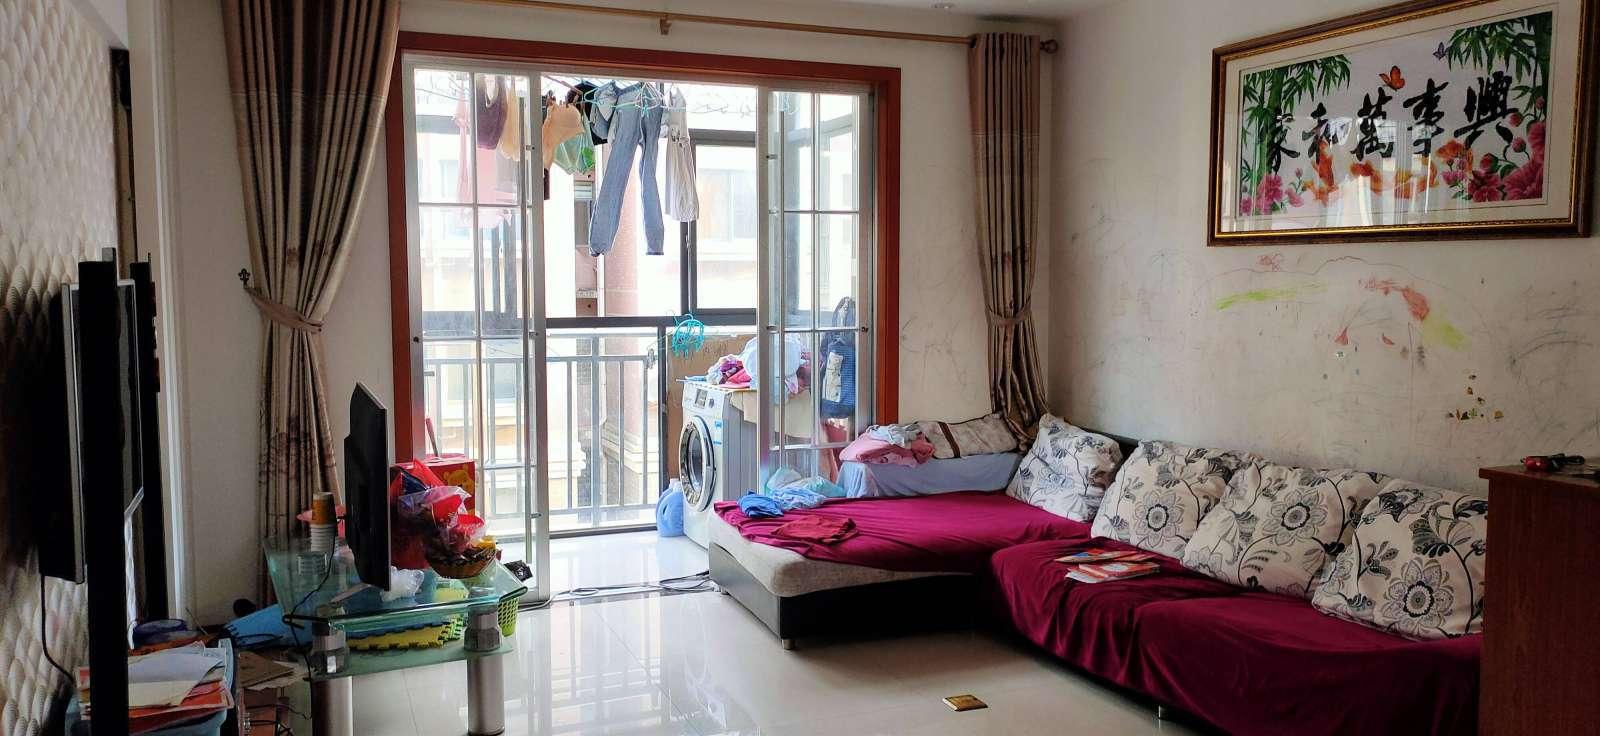 瑞景新城 2室2厅80㎡